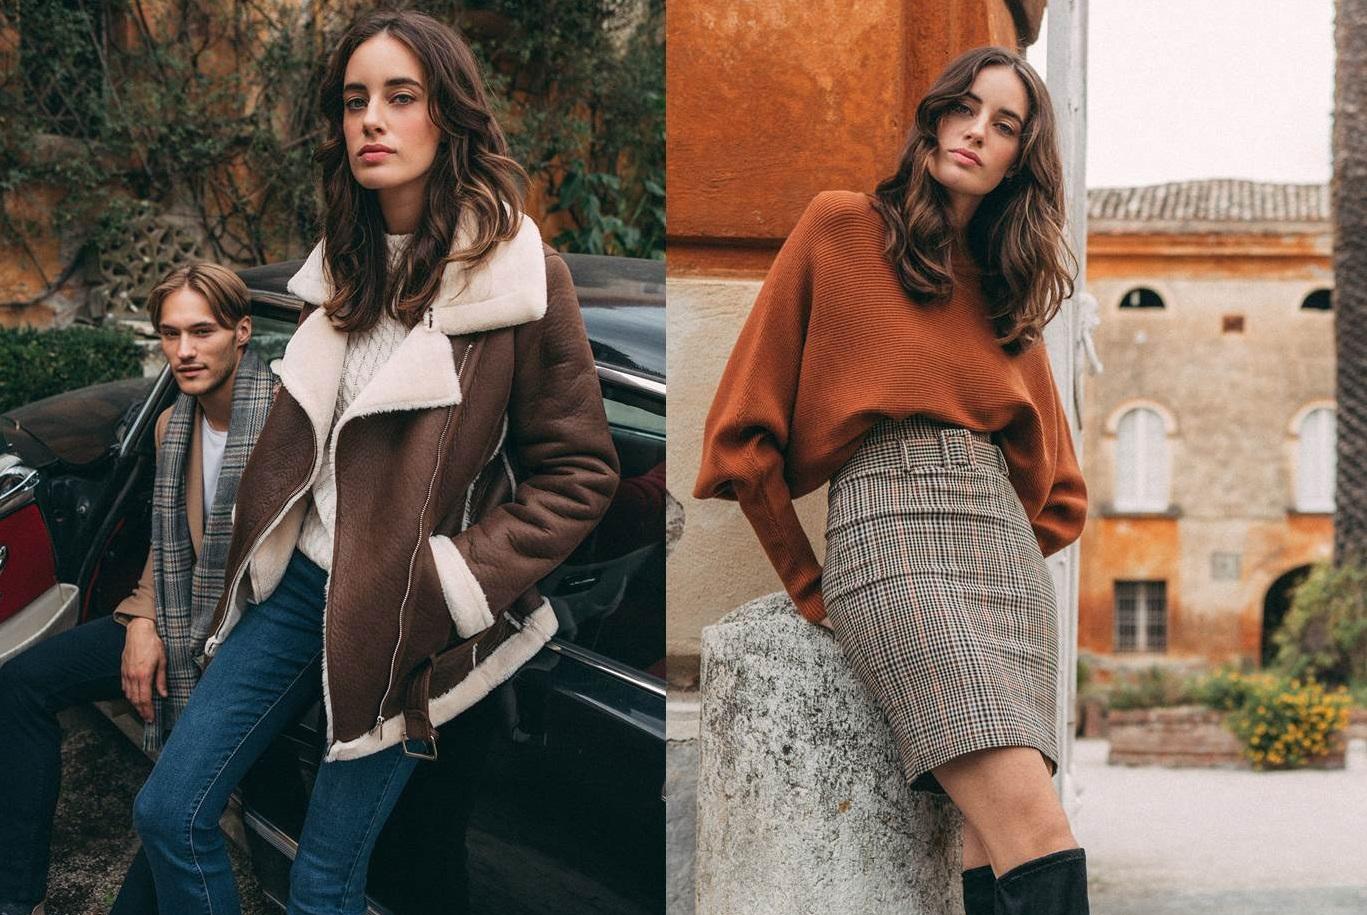 Piazza Italia moda donna inverno 2019  i nuovi arrivi imperdibili ... f420bf0f8ad5